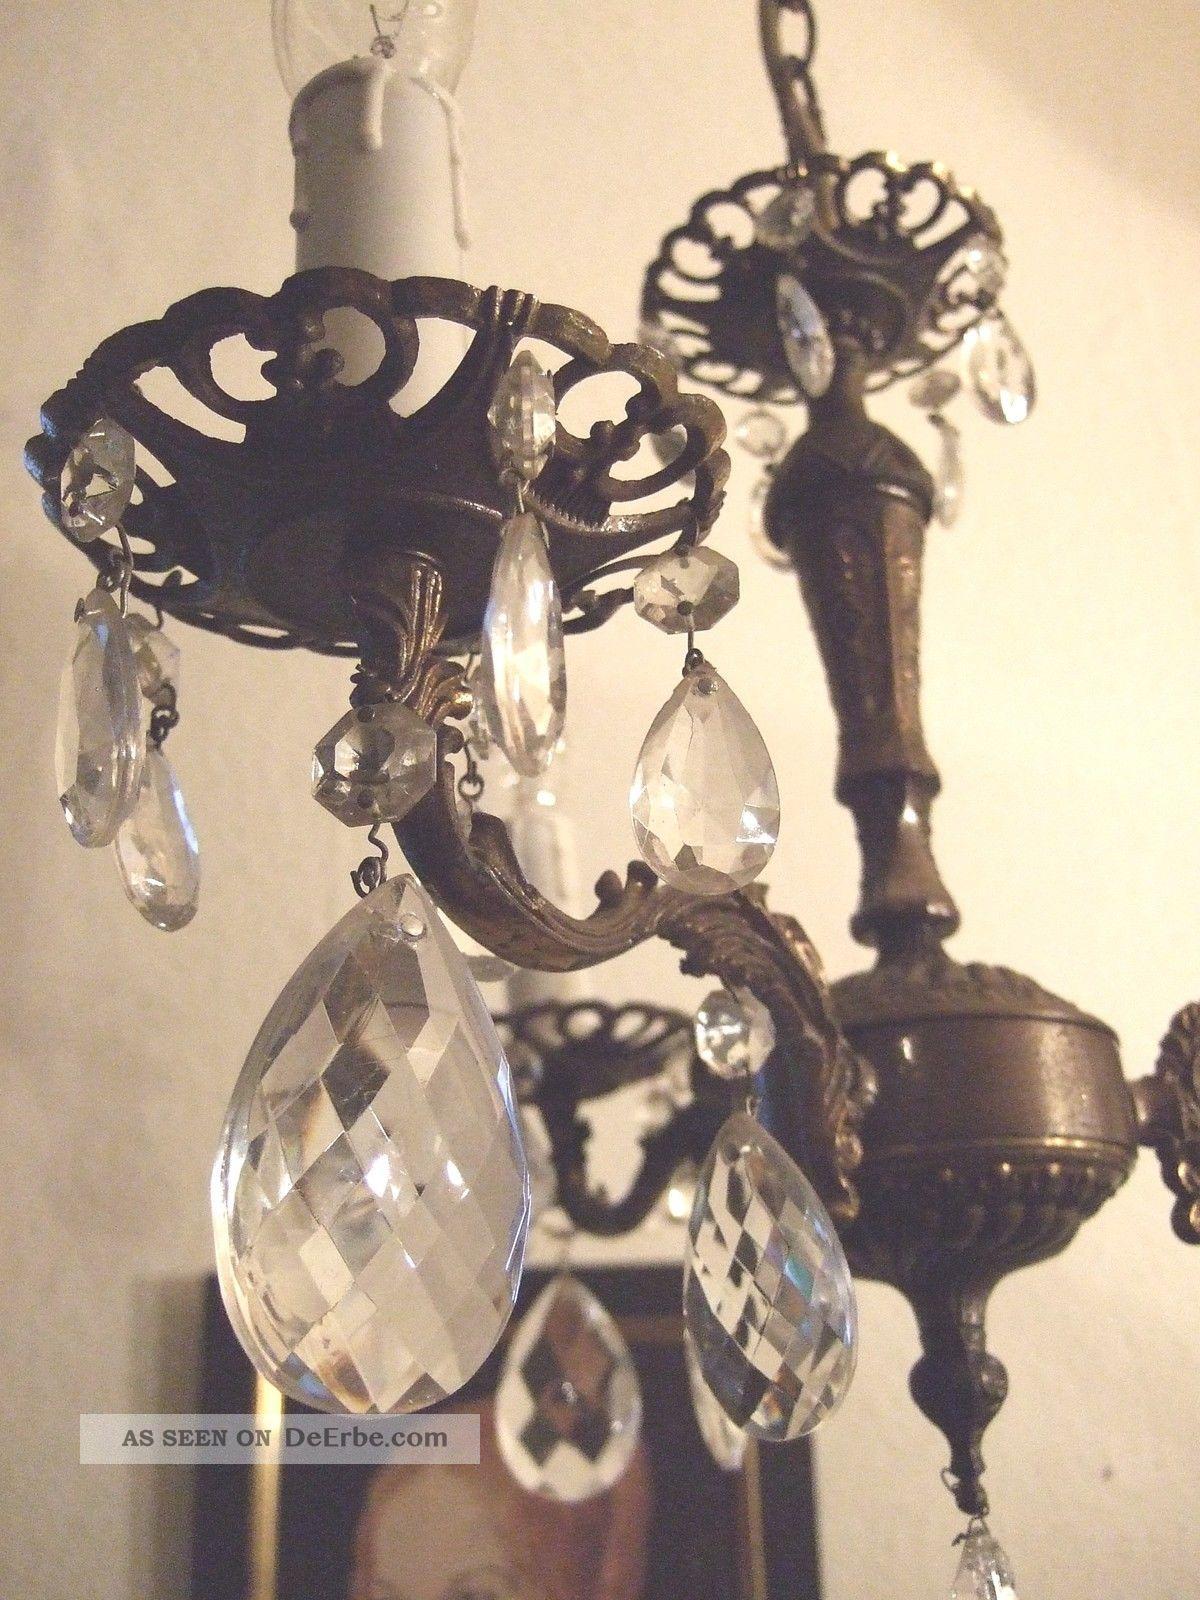 kronleuchter kristall 3 fl bronze lampe filigran antik shabby l ster vintage. Black Bedroom Furniture Sets. Home Design Ideas